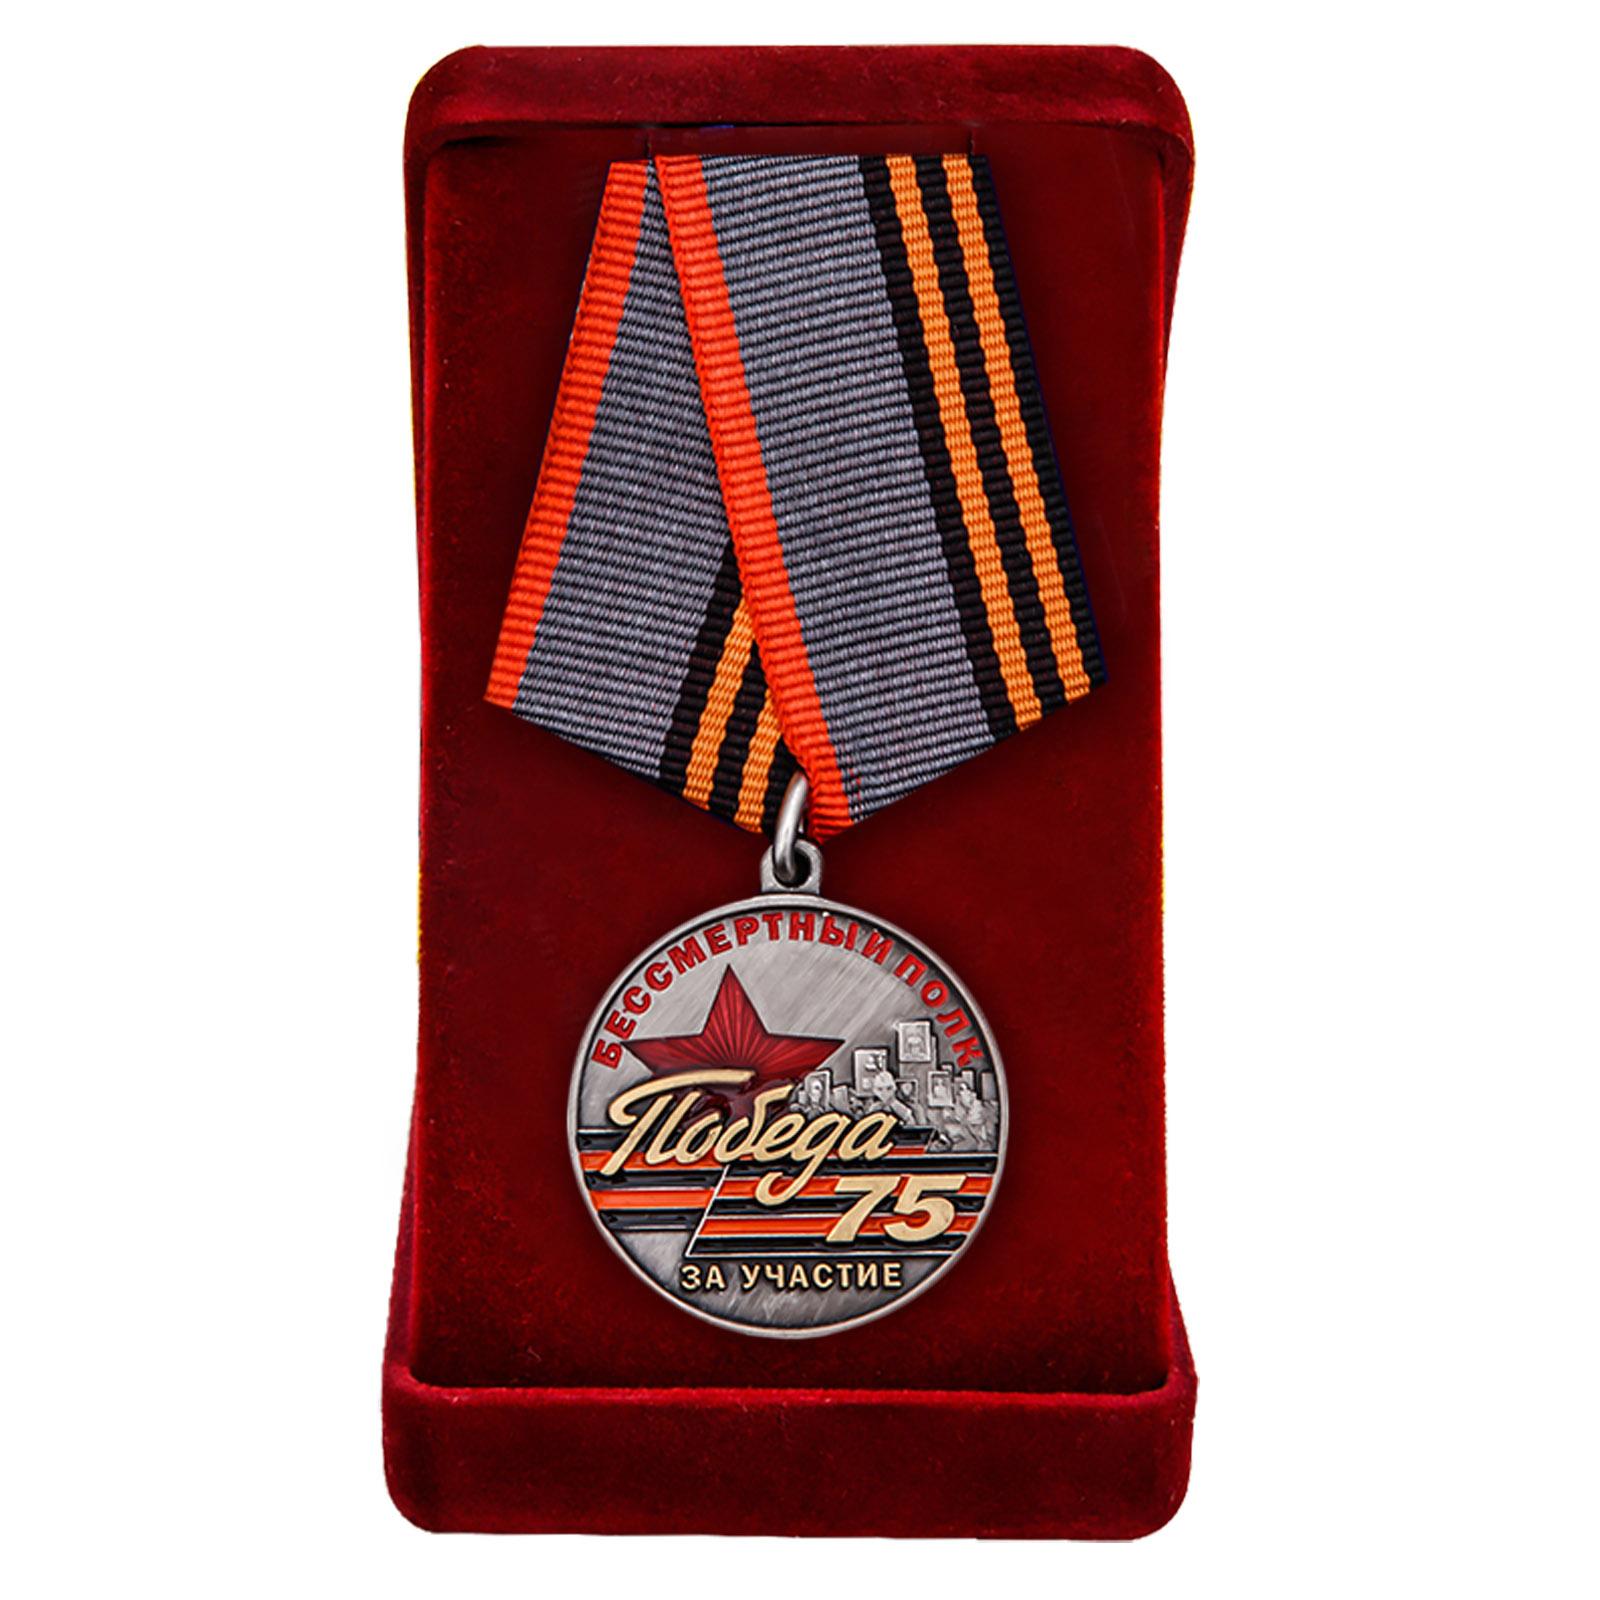 Купить памятную. медаль За участие в шествии Бессмертный полк. 75 лет Победы выгодно онлайн